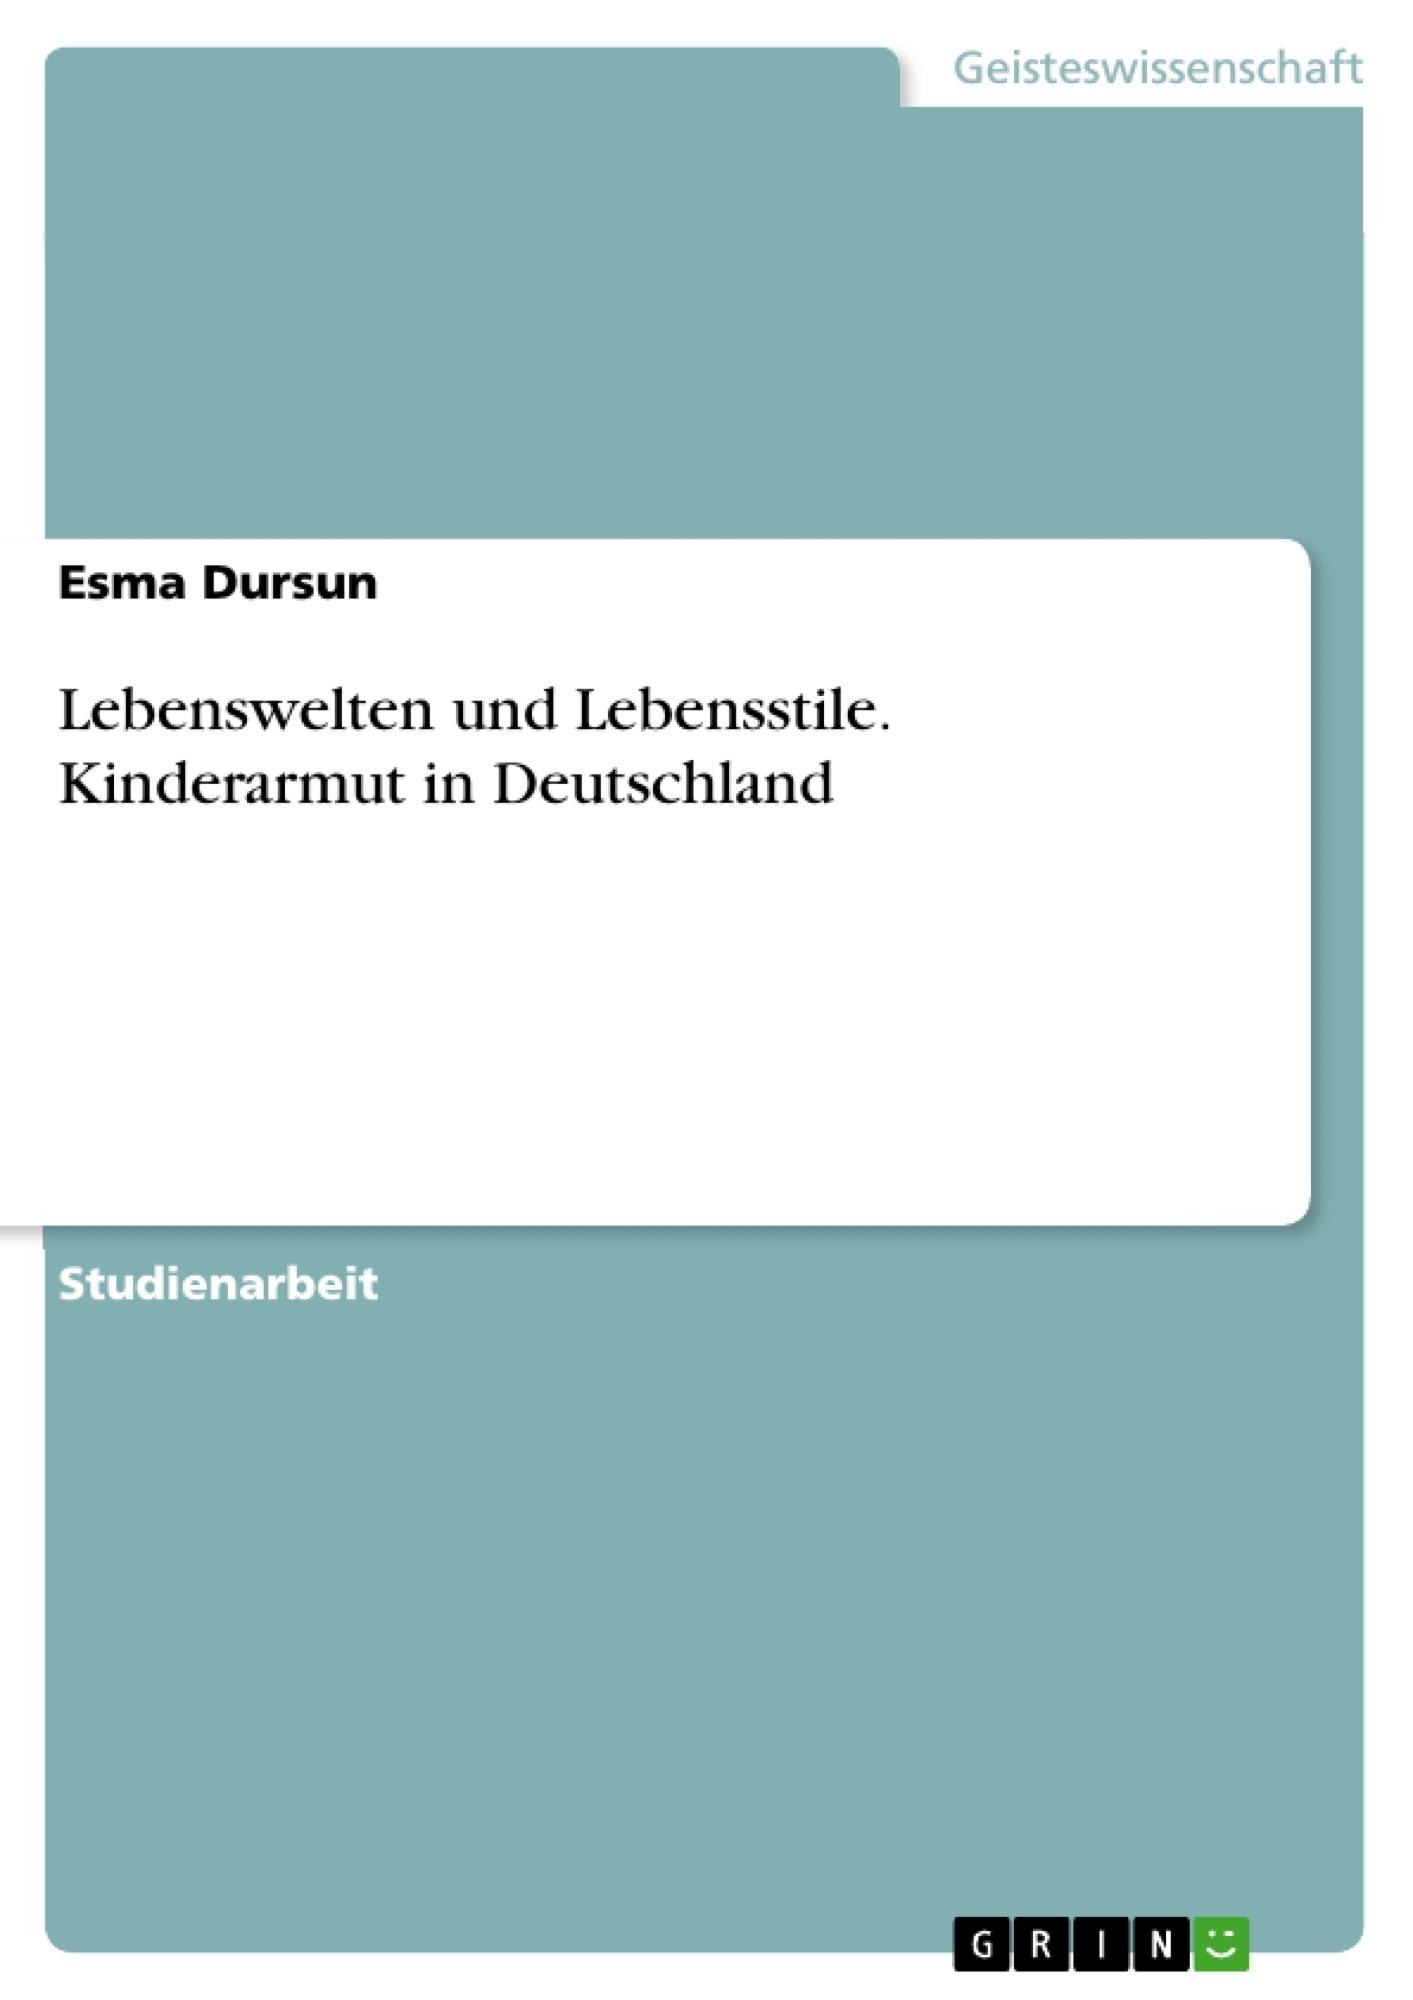 Titel: Lebenswelten und Lebensstile. Kinderarmut in Deutschland